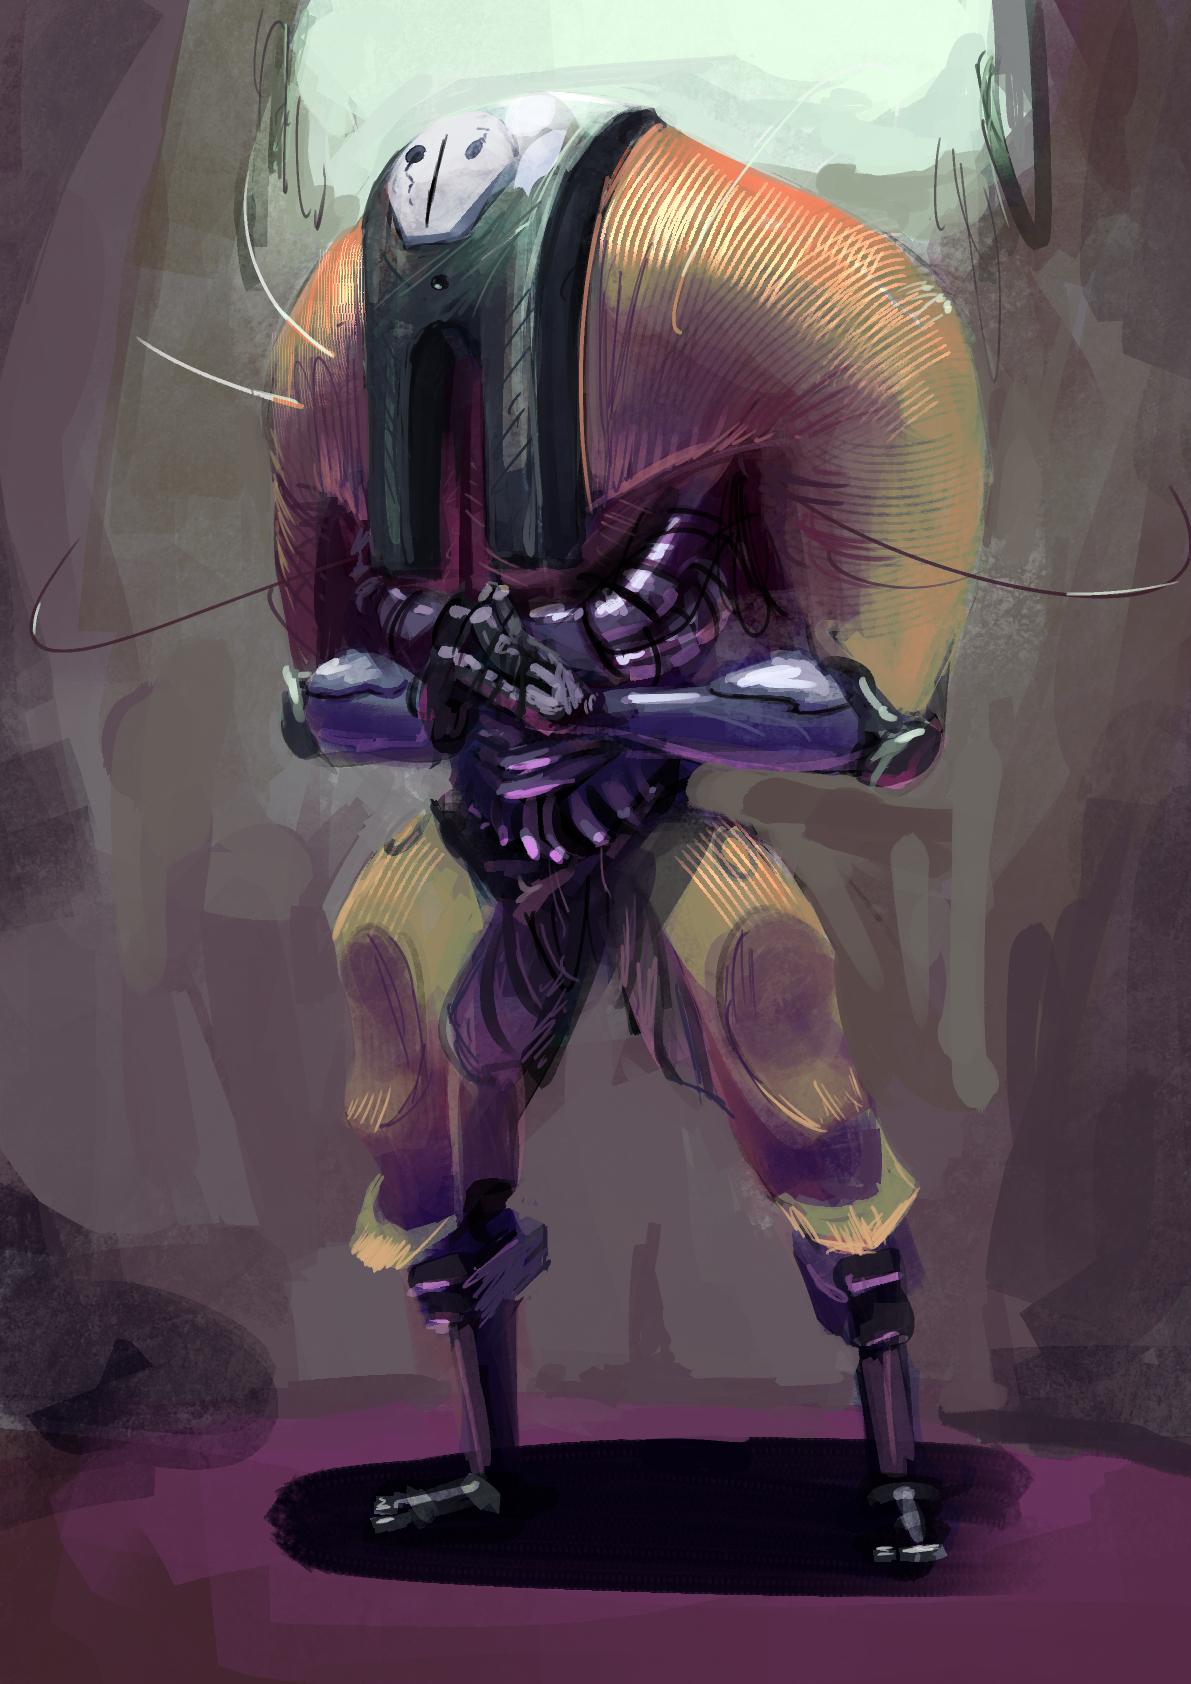 Robo monk